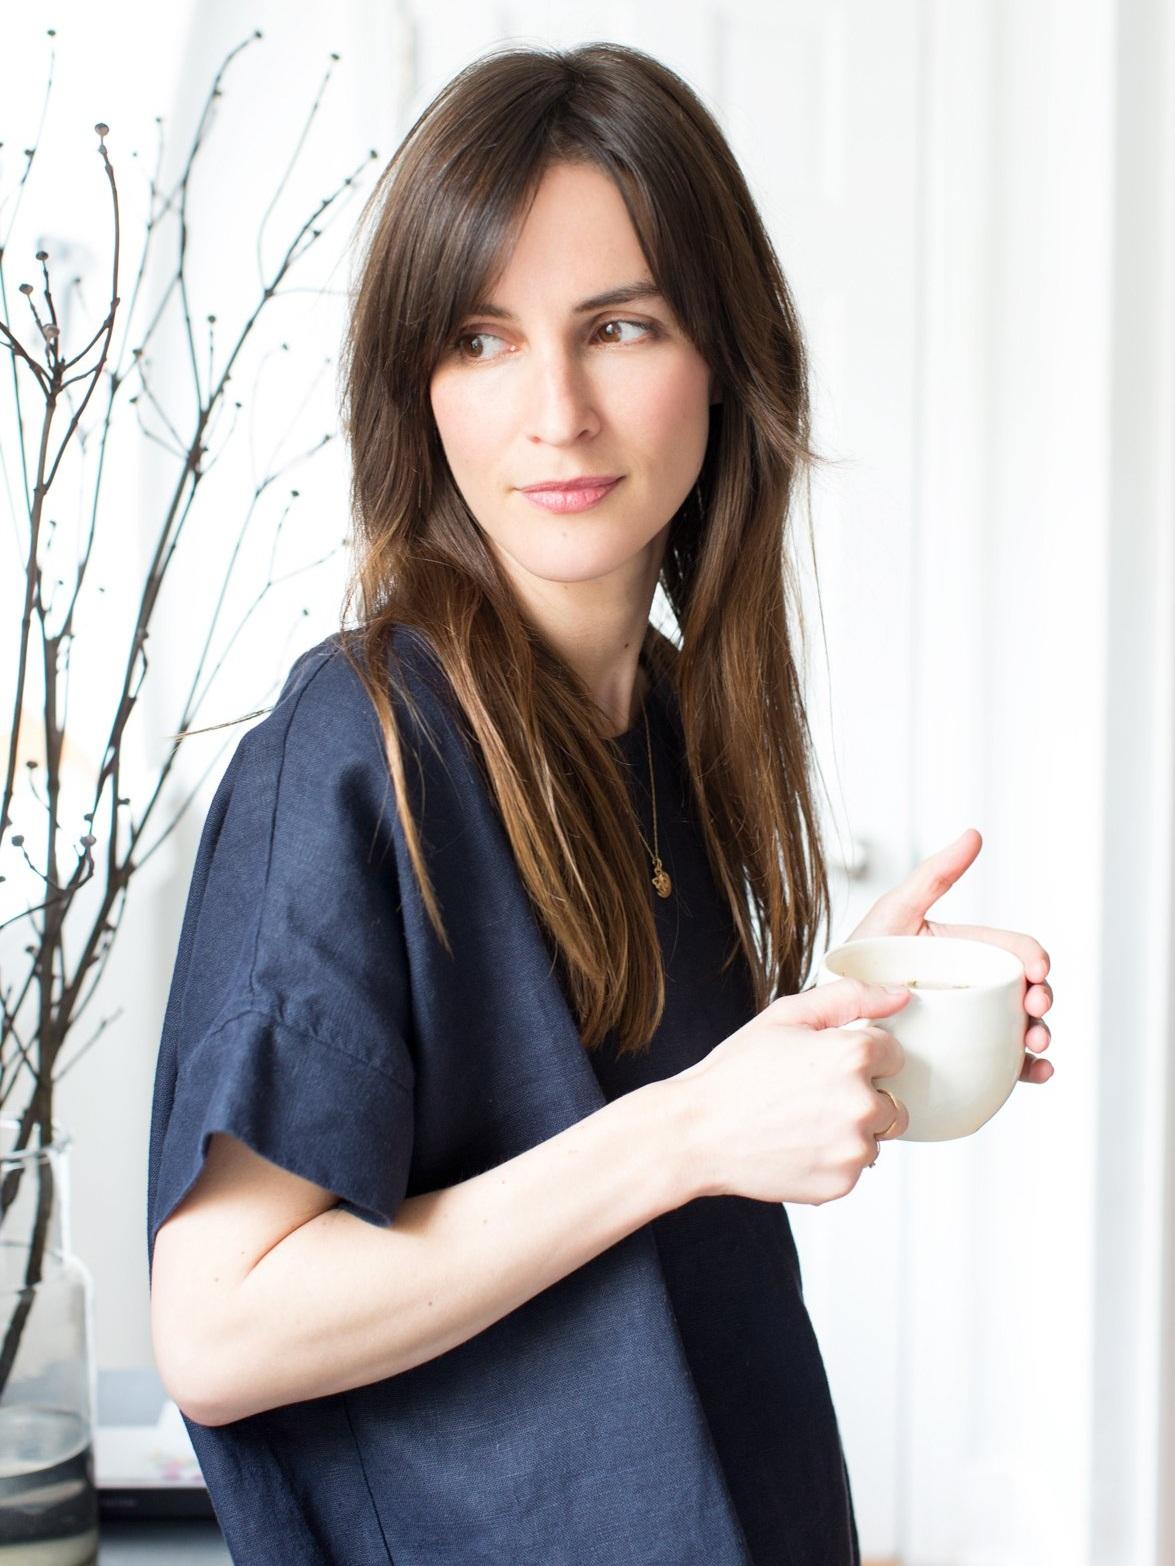 Erin-Boyle